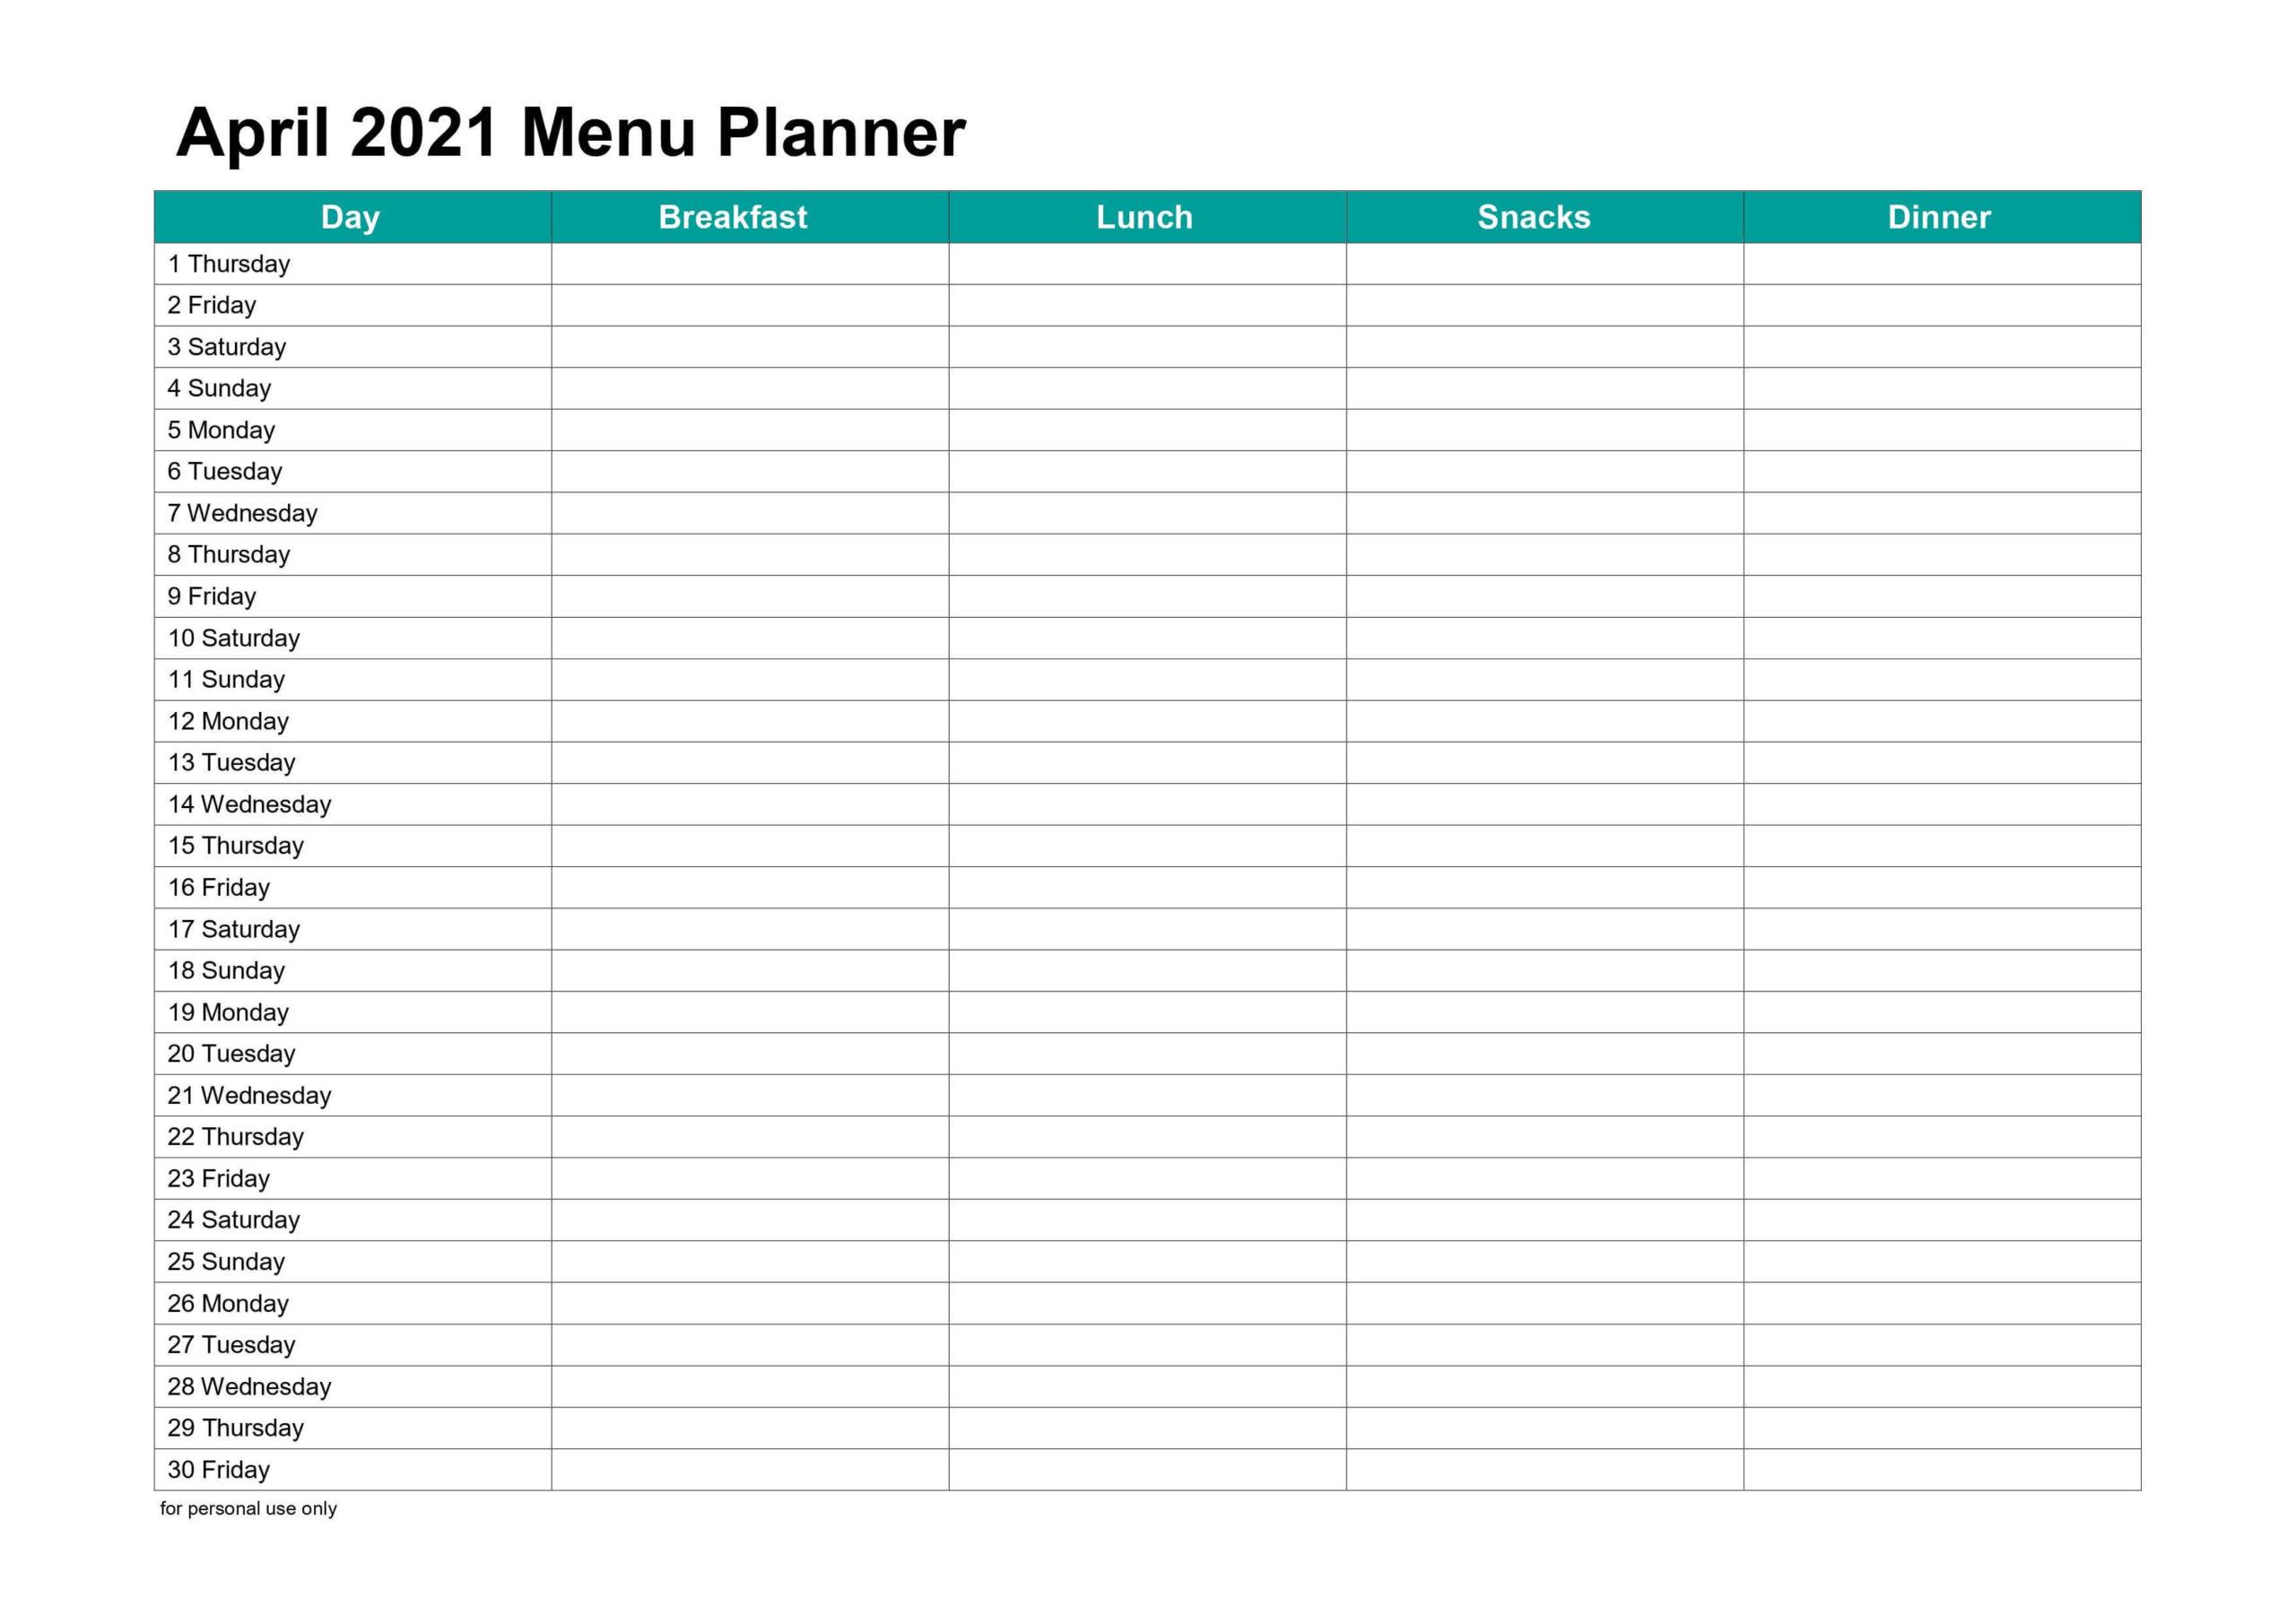 April 2021 Menu Planner